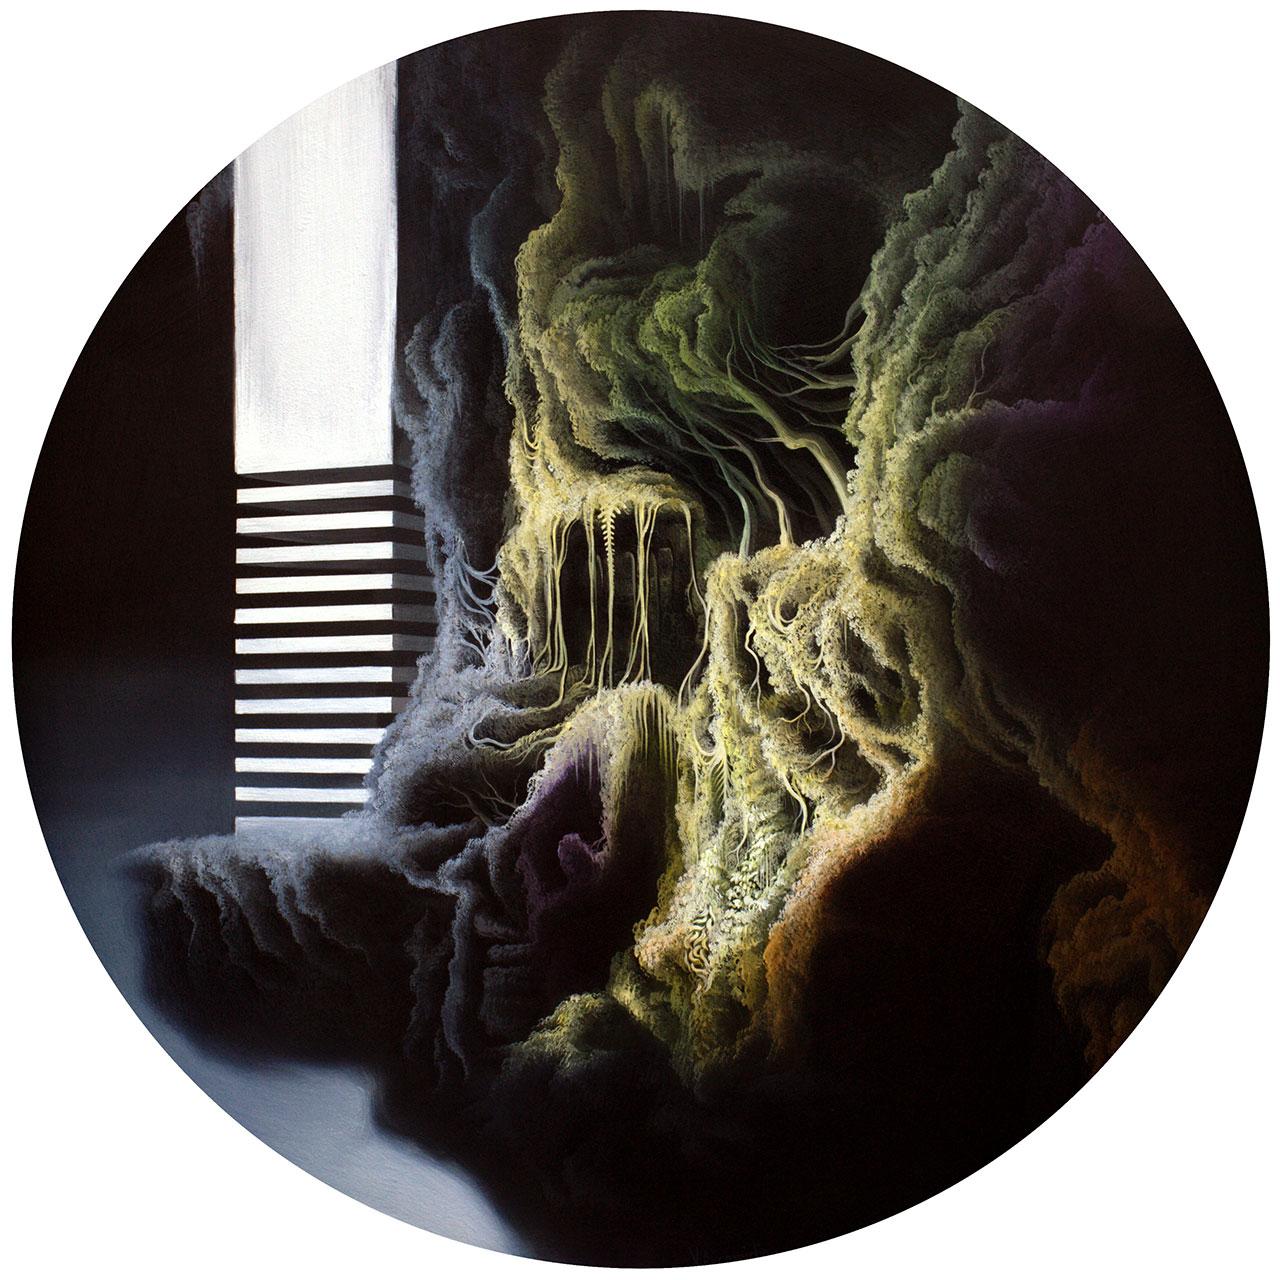 Vasilis Avramidis,Elevator, 2015, 50cm diameter, oil on wood.